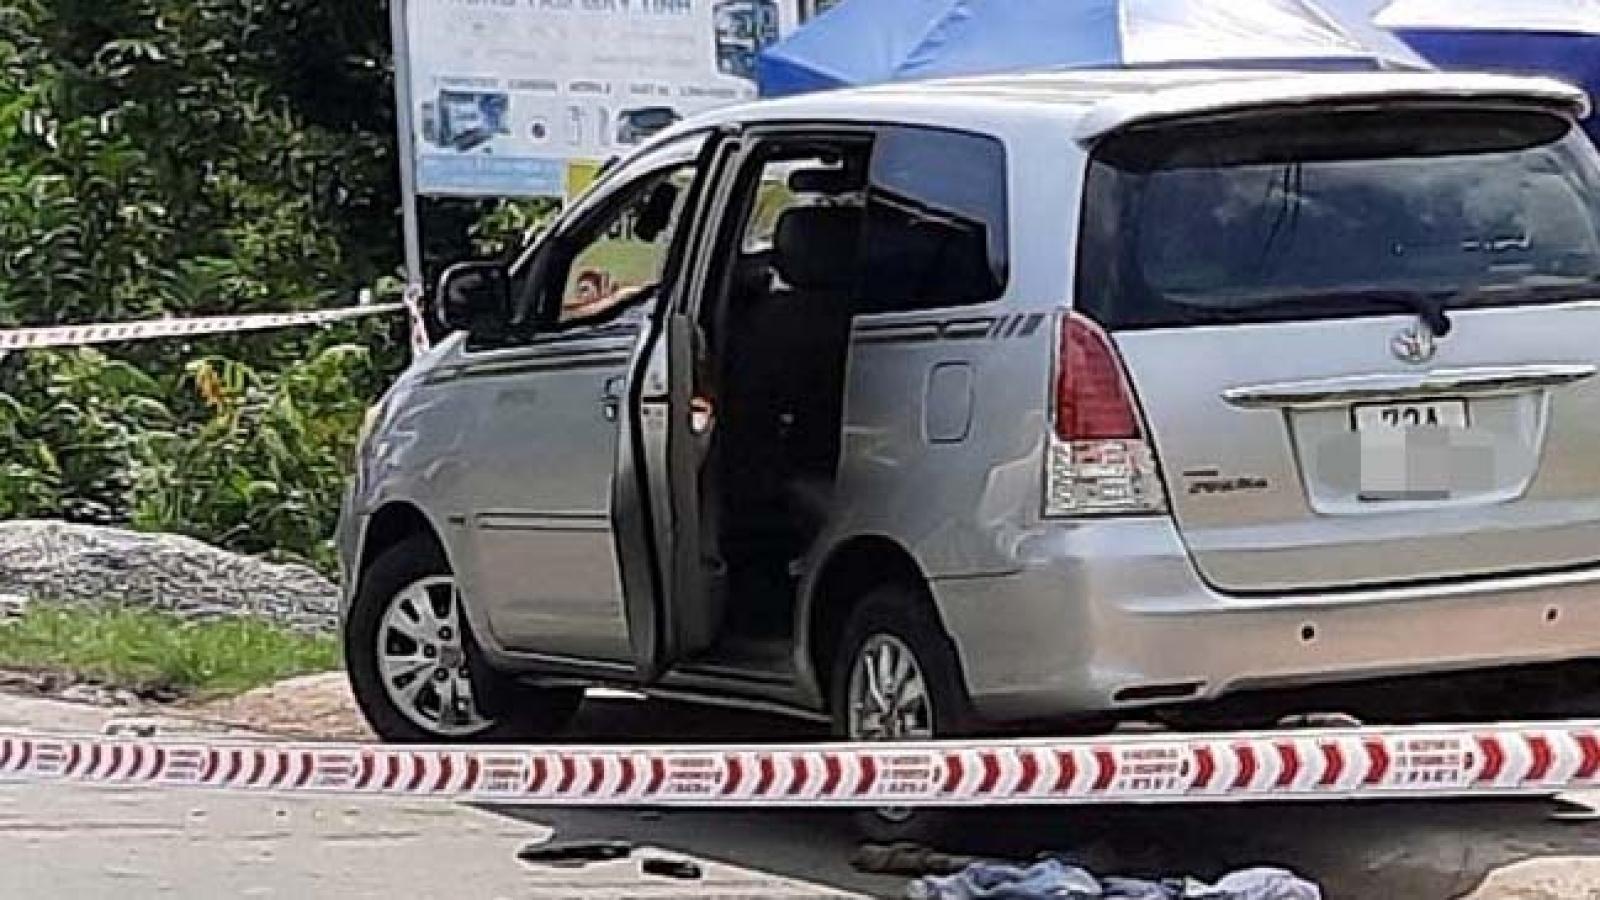 Mẹ thuê người bắt cóc con gái dẫn đến án mạng